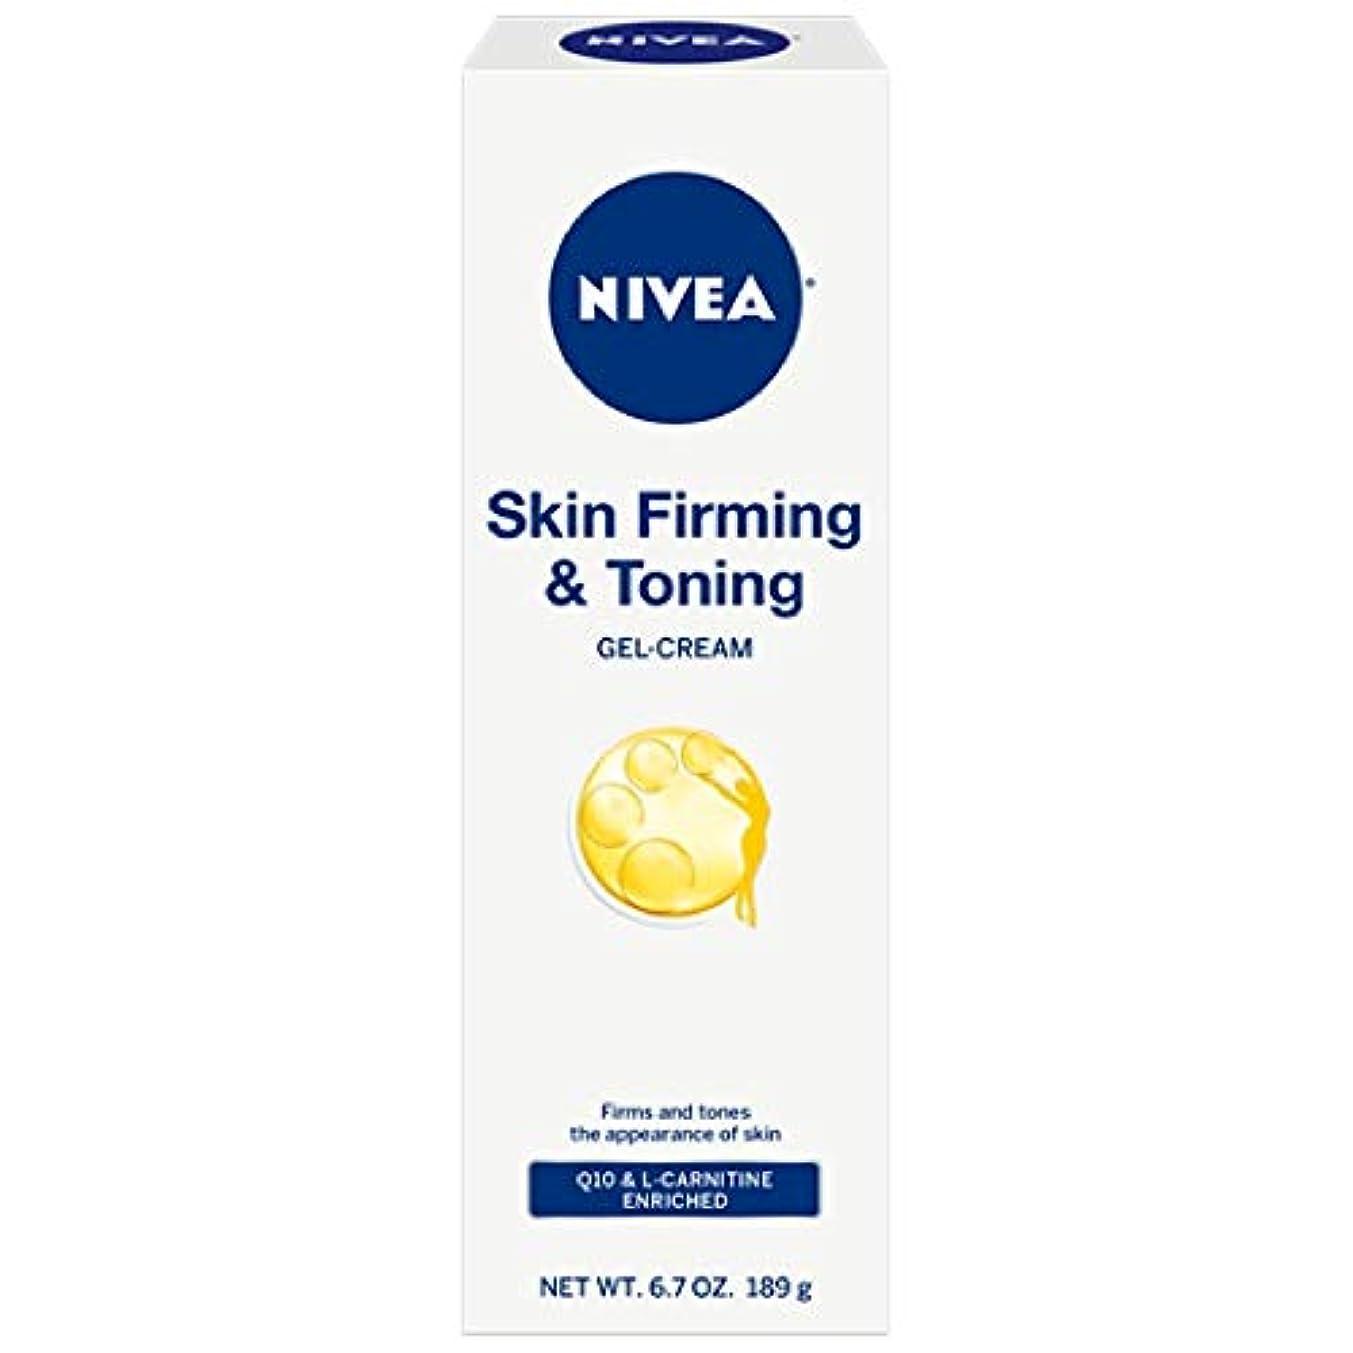 絡まる鋸歯状ラビリンスNivea Good-Bye Cellulite Gel-Cream 200 ml (並行輸入品)